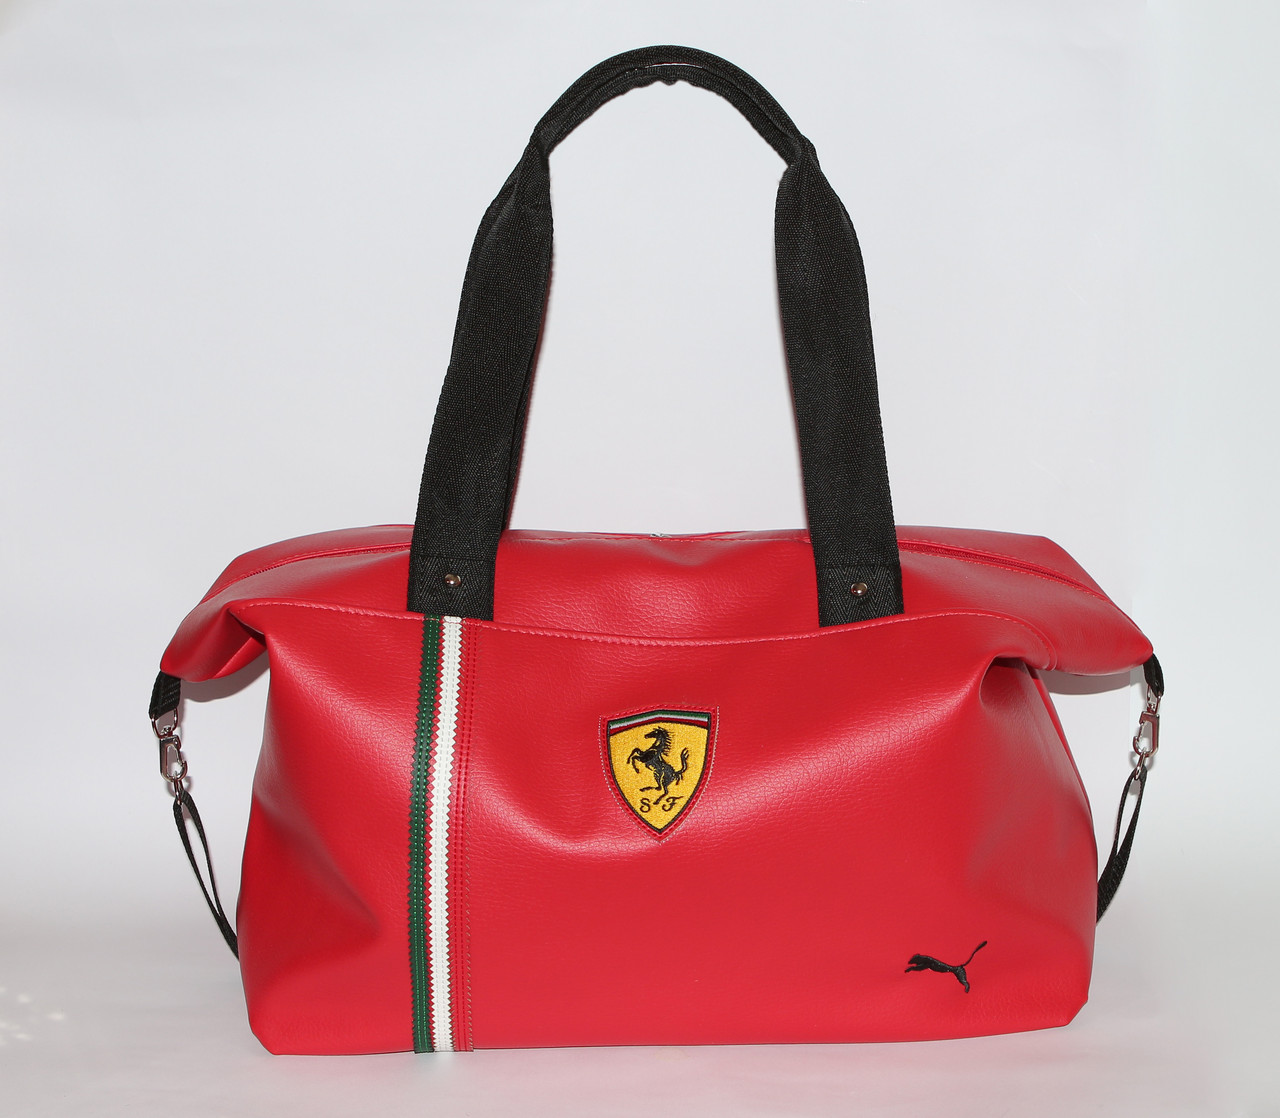 Cтильные сумки Пума Феррари Puma Ferrari модные сумки женские - Медицинская  одежда, Мужская и Женская 7a80299151e